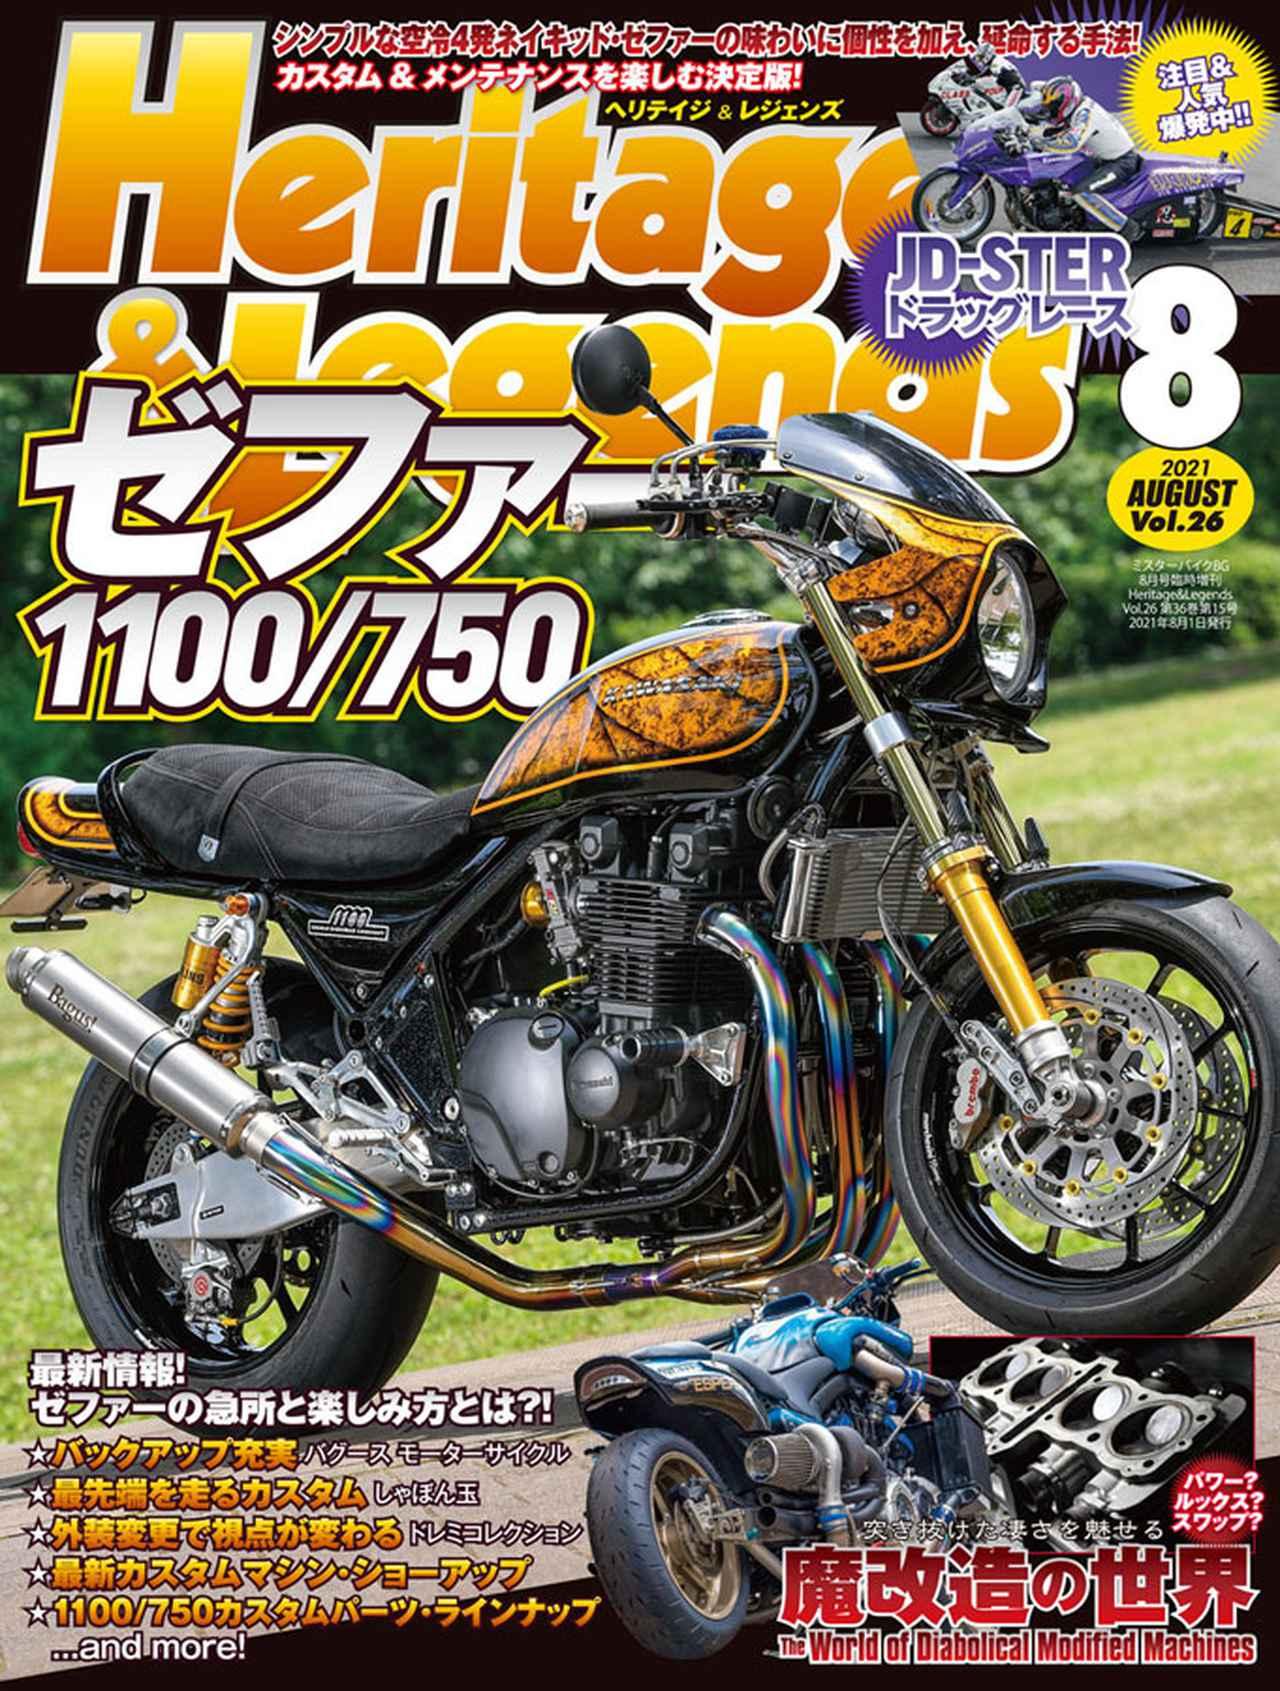 画像: 月刊『ヘリテイジ&レジェンズ』2021年8月号(Vol.26)好評発売中!  ヘリテイジ&レジェンズ Heritage& Legends